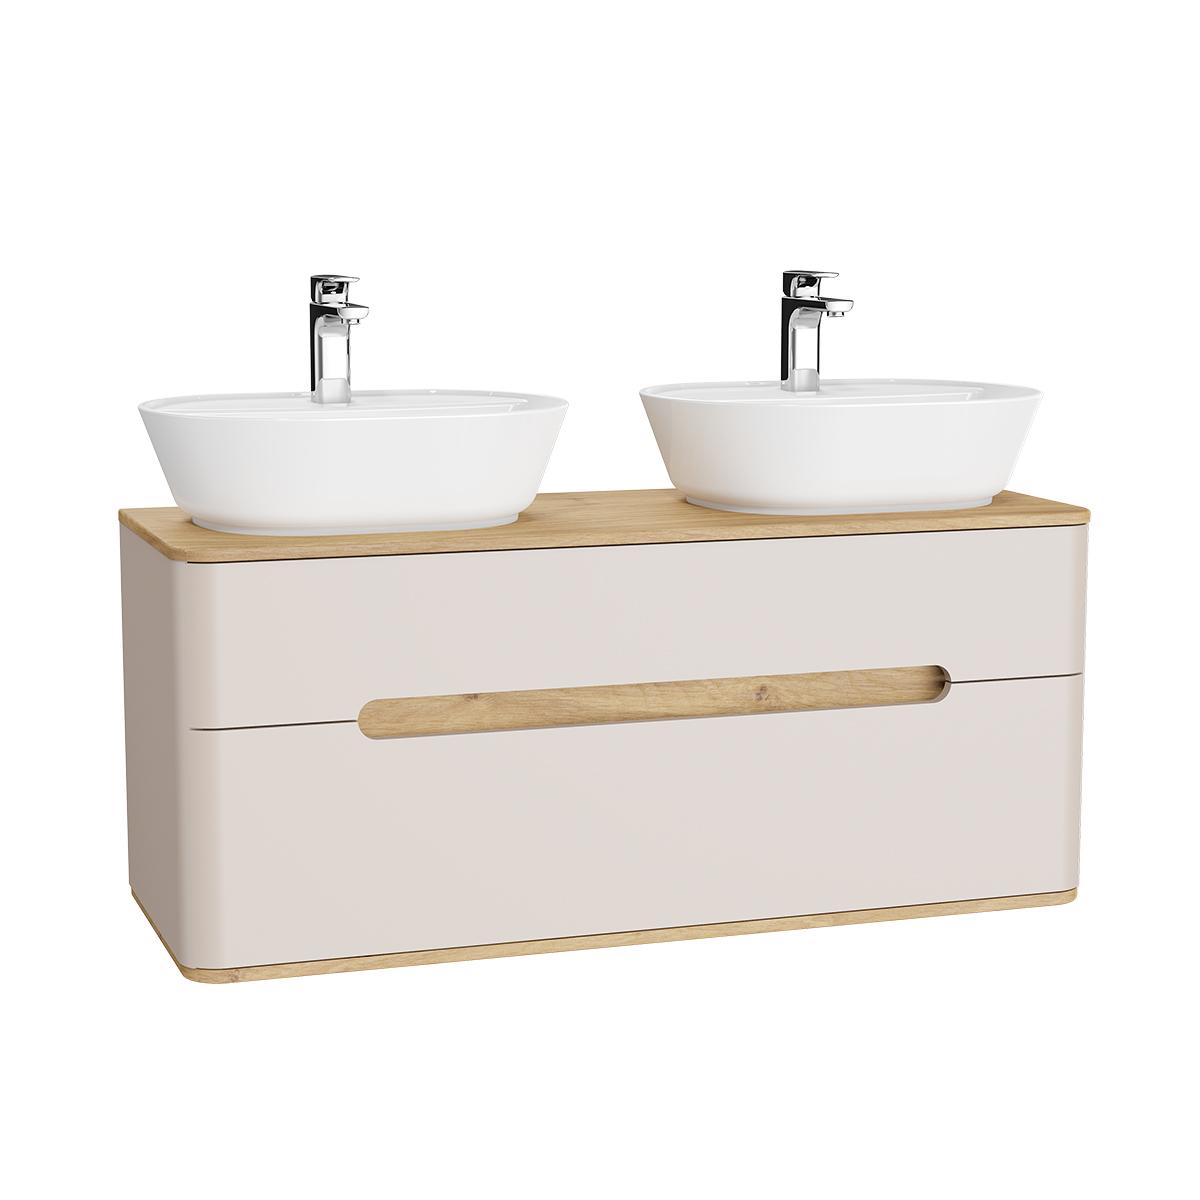 Sento Waschtischunterschrank, 122 cm, für 2 Aufsatzwaschtische, mit 2 Vollauszügen, Crème Matt